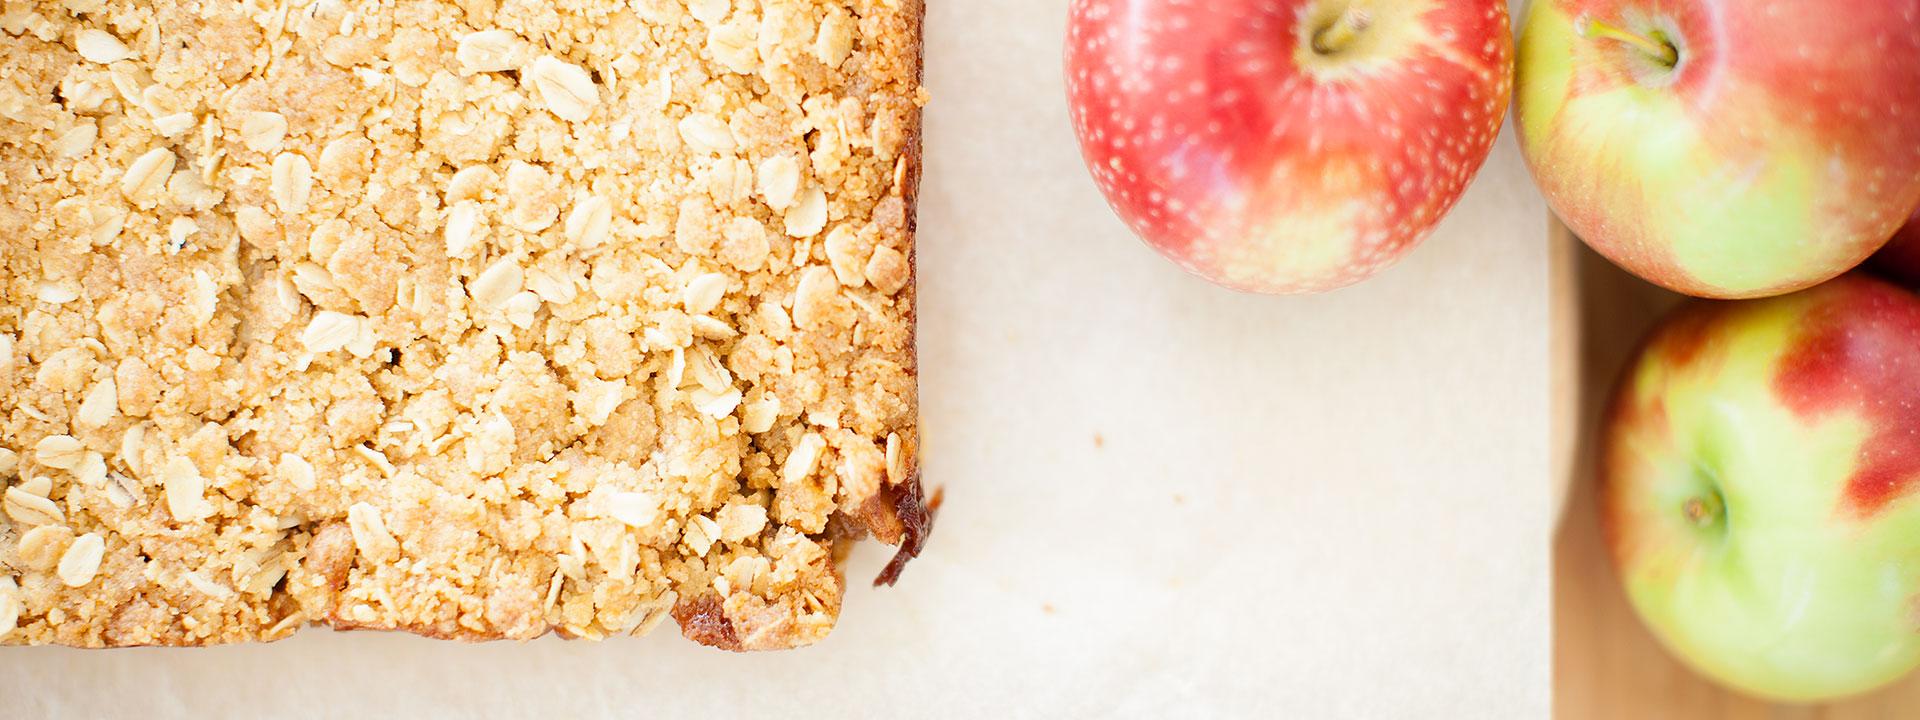 Discover recipes with our orchard apples Au coeur de la pomme